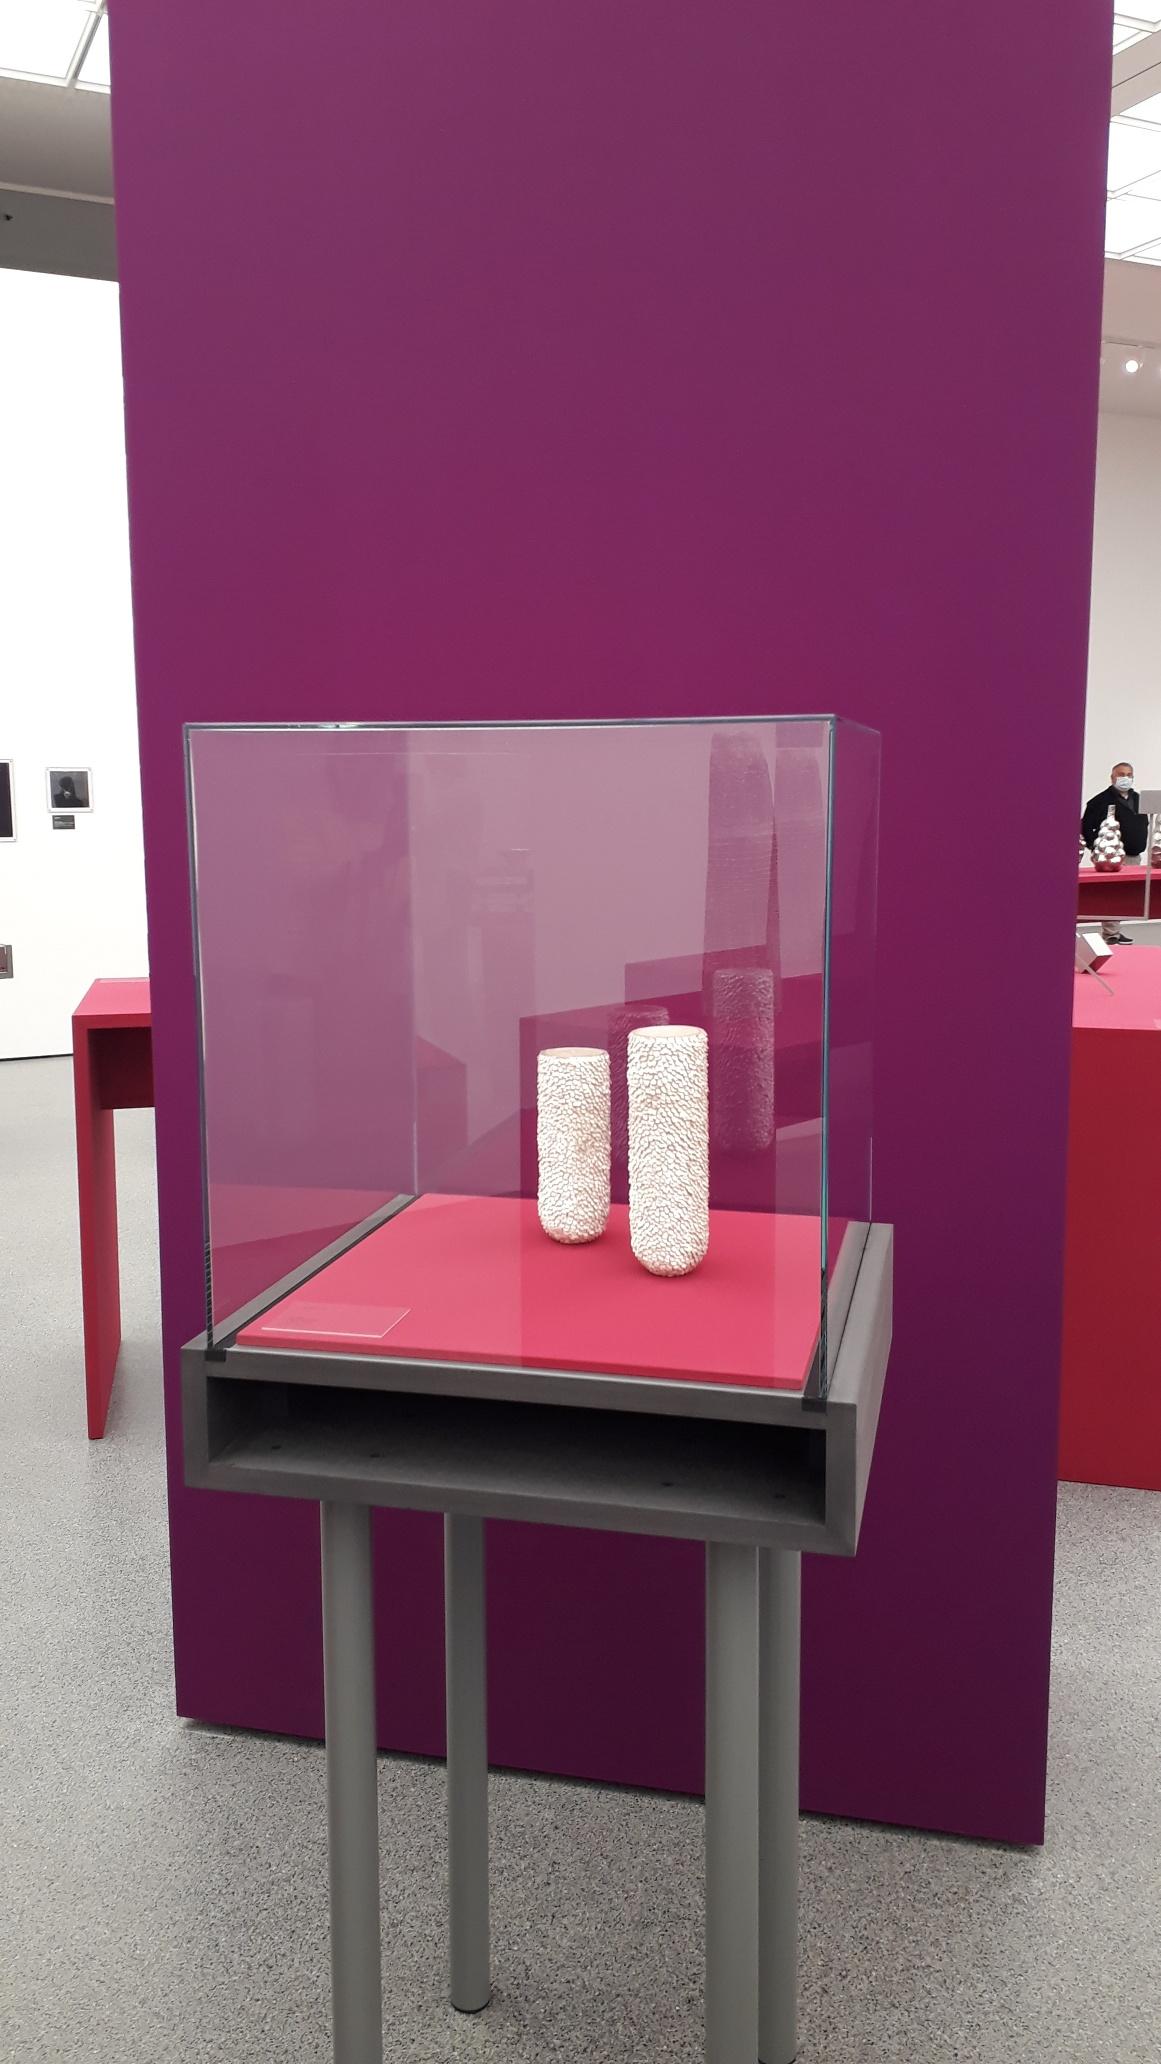 Arbeit von Anne Fischer in der Danner-Preis Ausstellung in der Pinakothek der Moderne in München